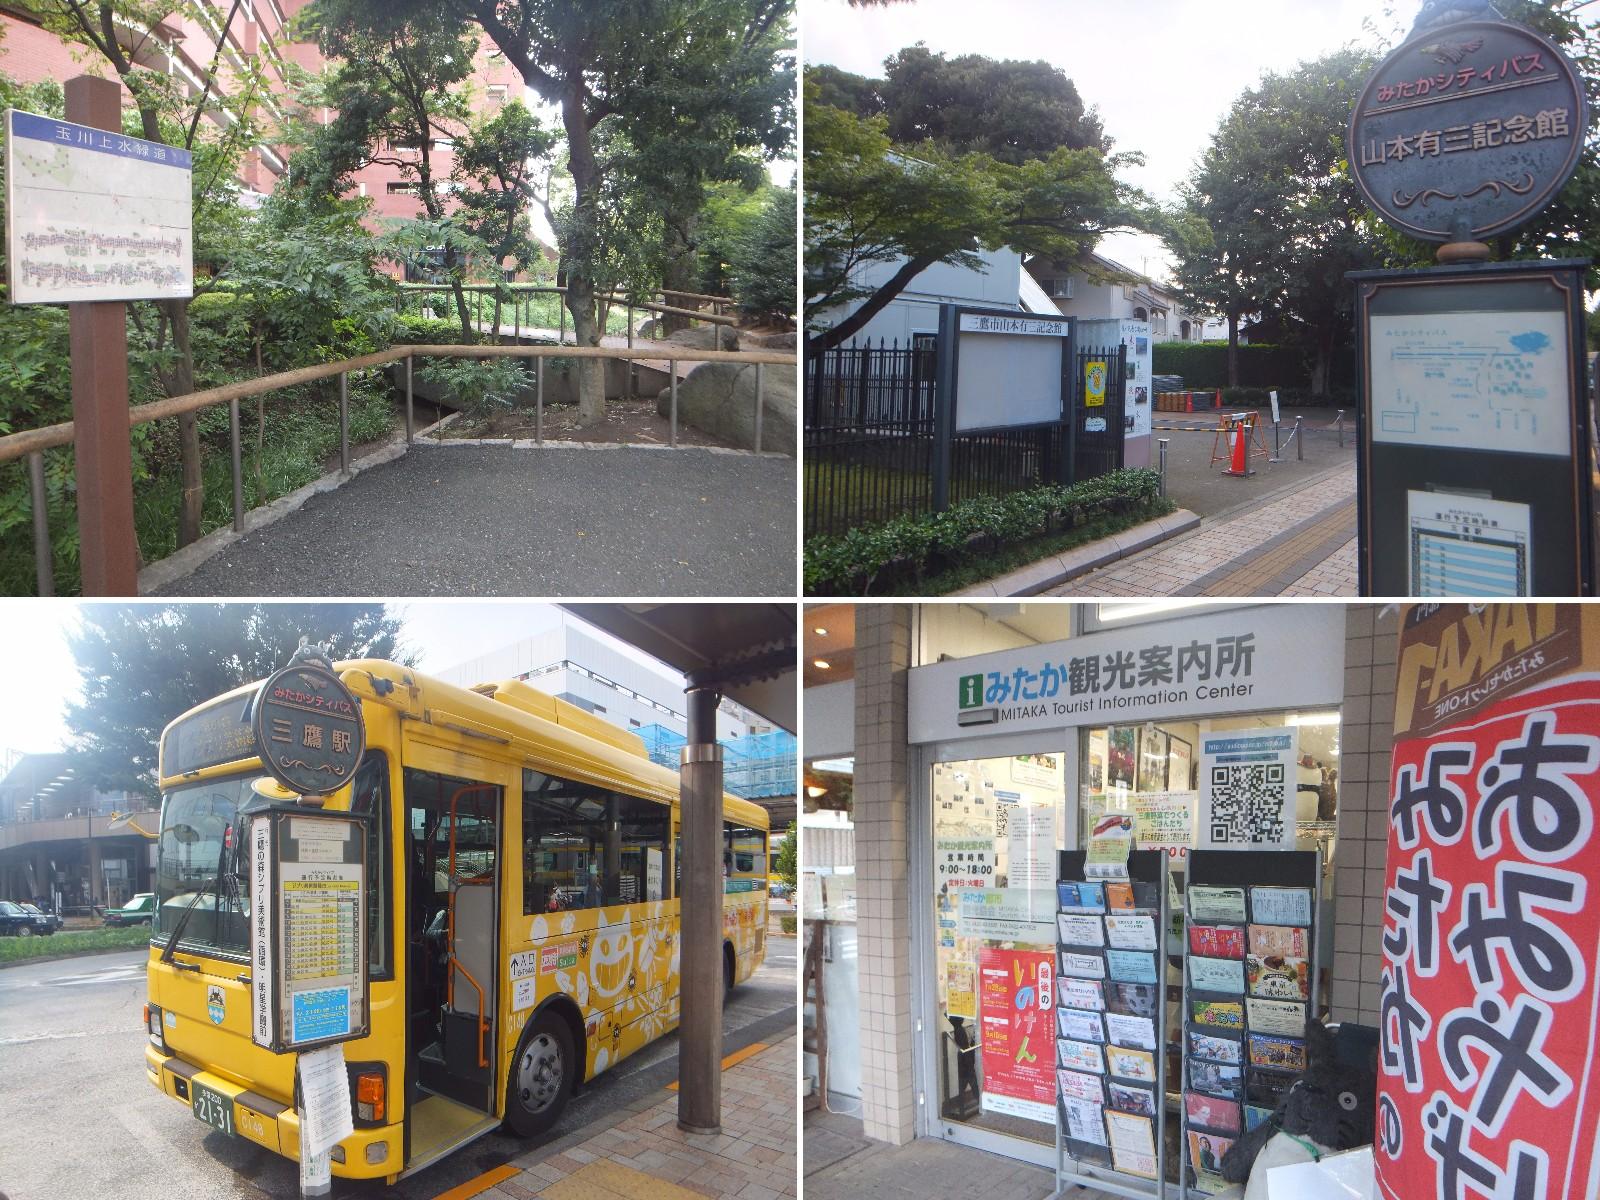 左上:『玉川上水緑道』整備が進んだ緑道は絶好の散歩スポット<br><br> 右上:『山本有三記念館』三鷹の文学巡りには欠かせない場所だが、今は改築中<br><br> 左下:『みたかシティバス』バス停とバスのトトロがかわいい<br><br> 右下:『三鷹観光案内所』Mさん曰く「三鷹の情報を得るにはここが一番!」とのこと